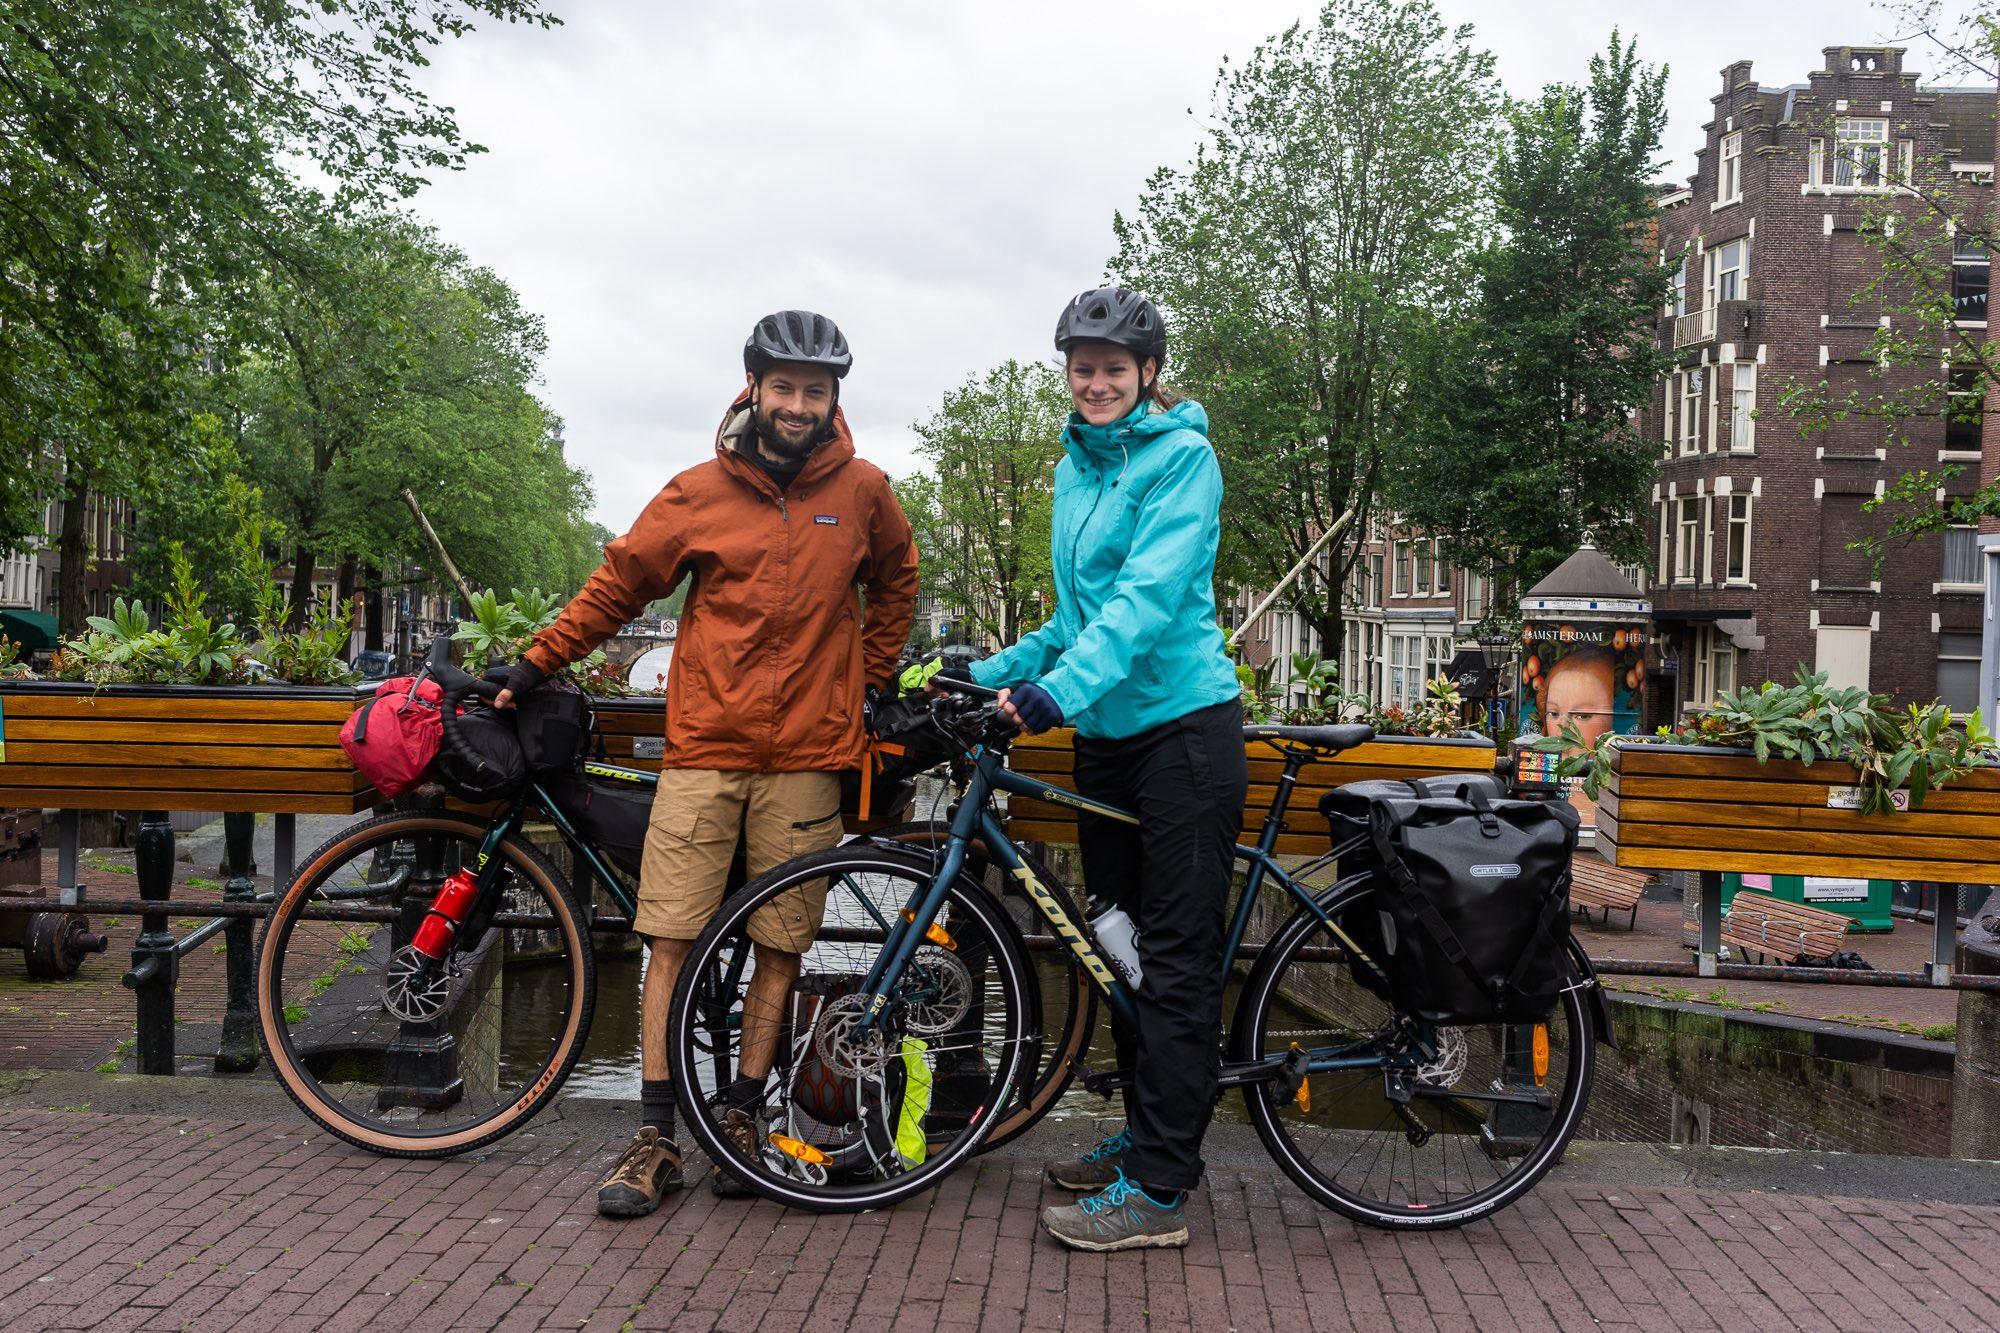 Twee fietsers op een brug in Amsterdam